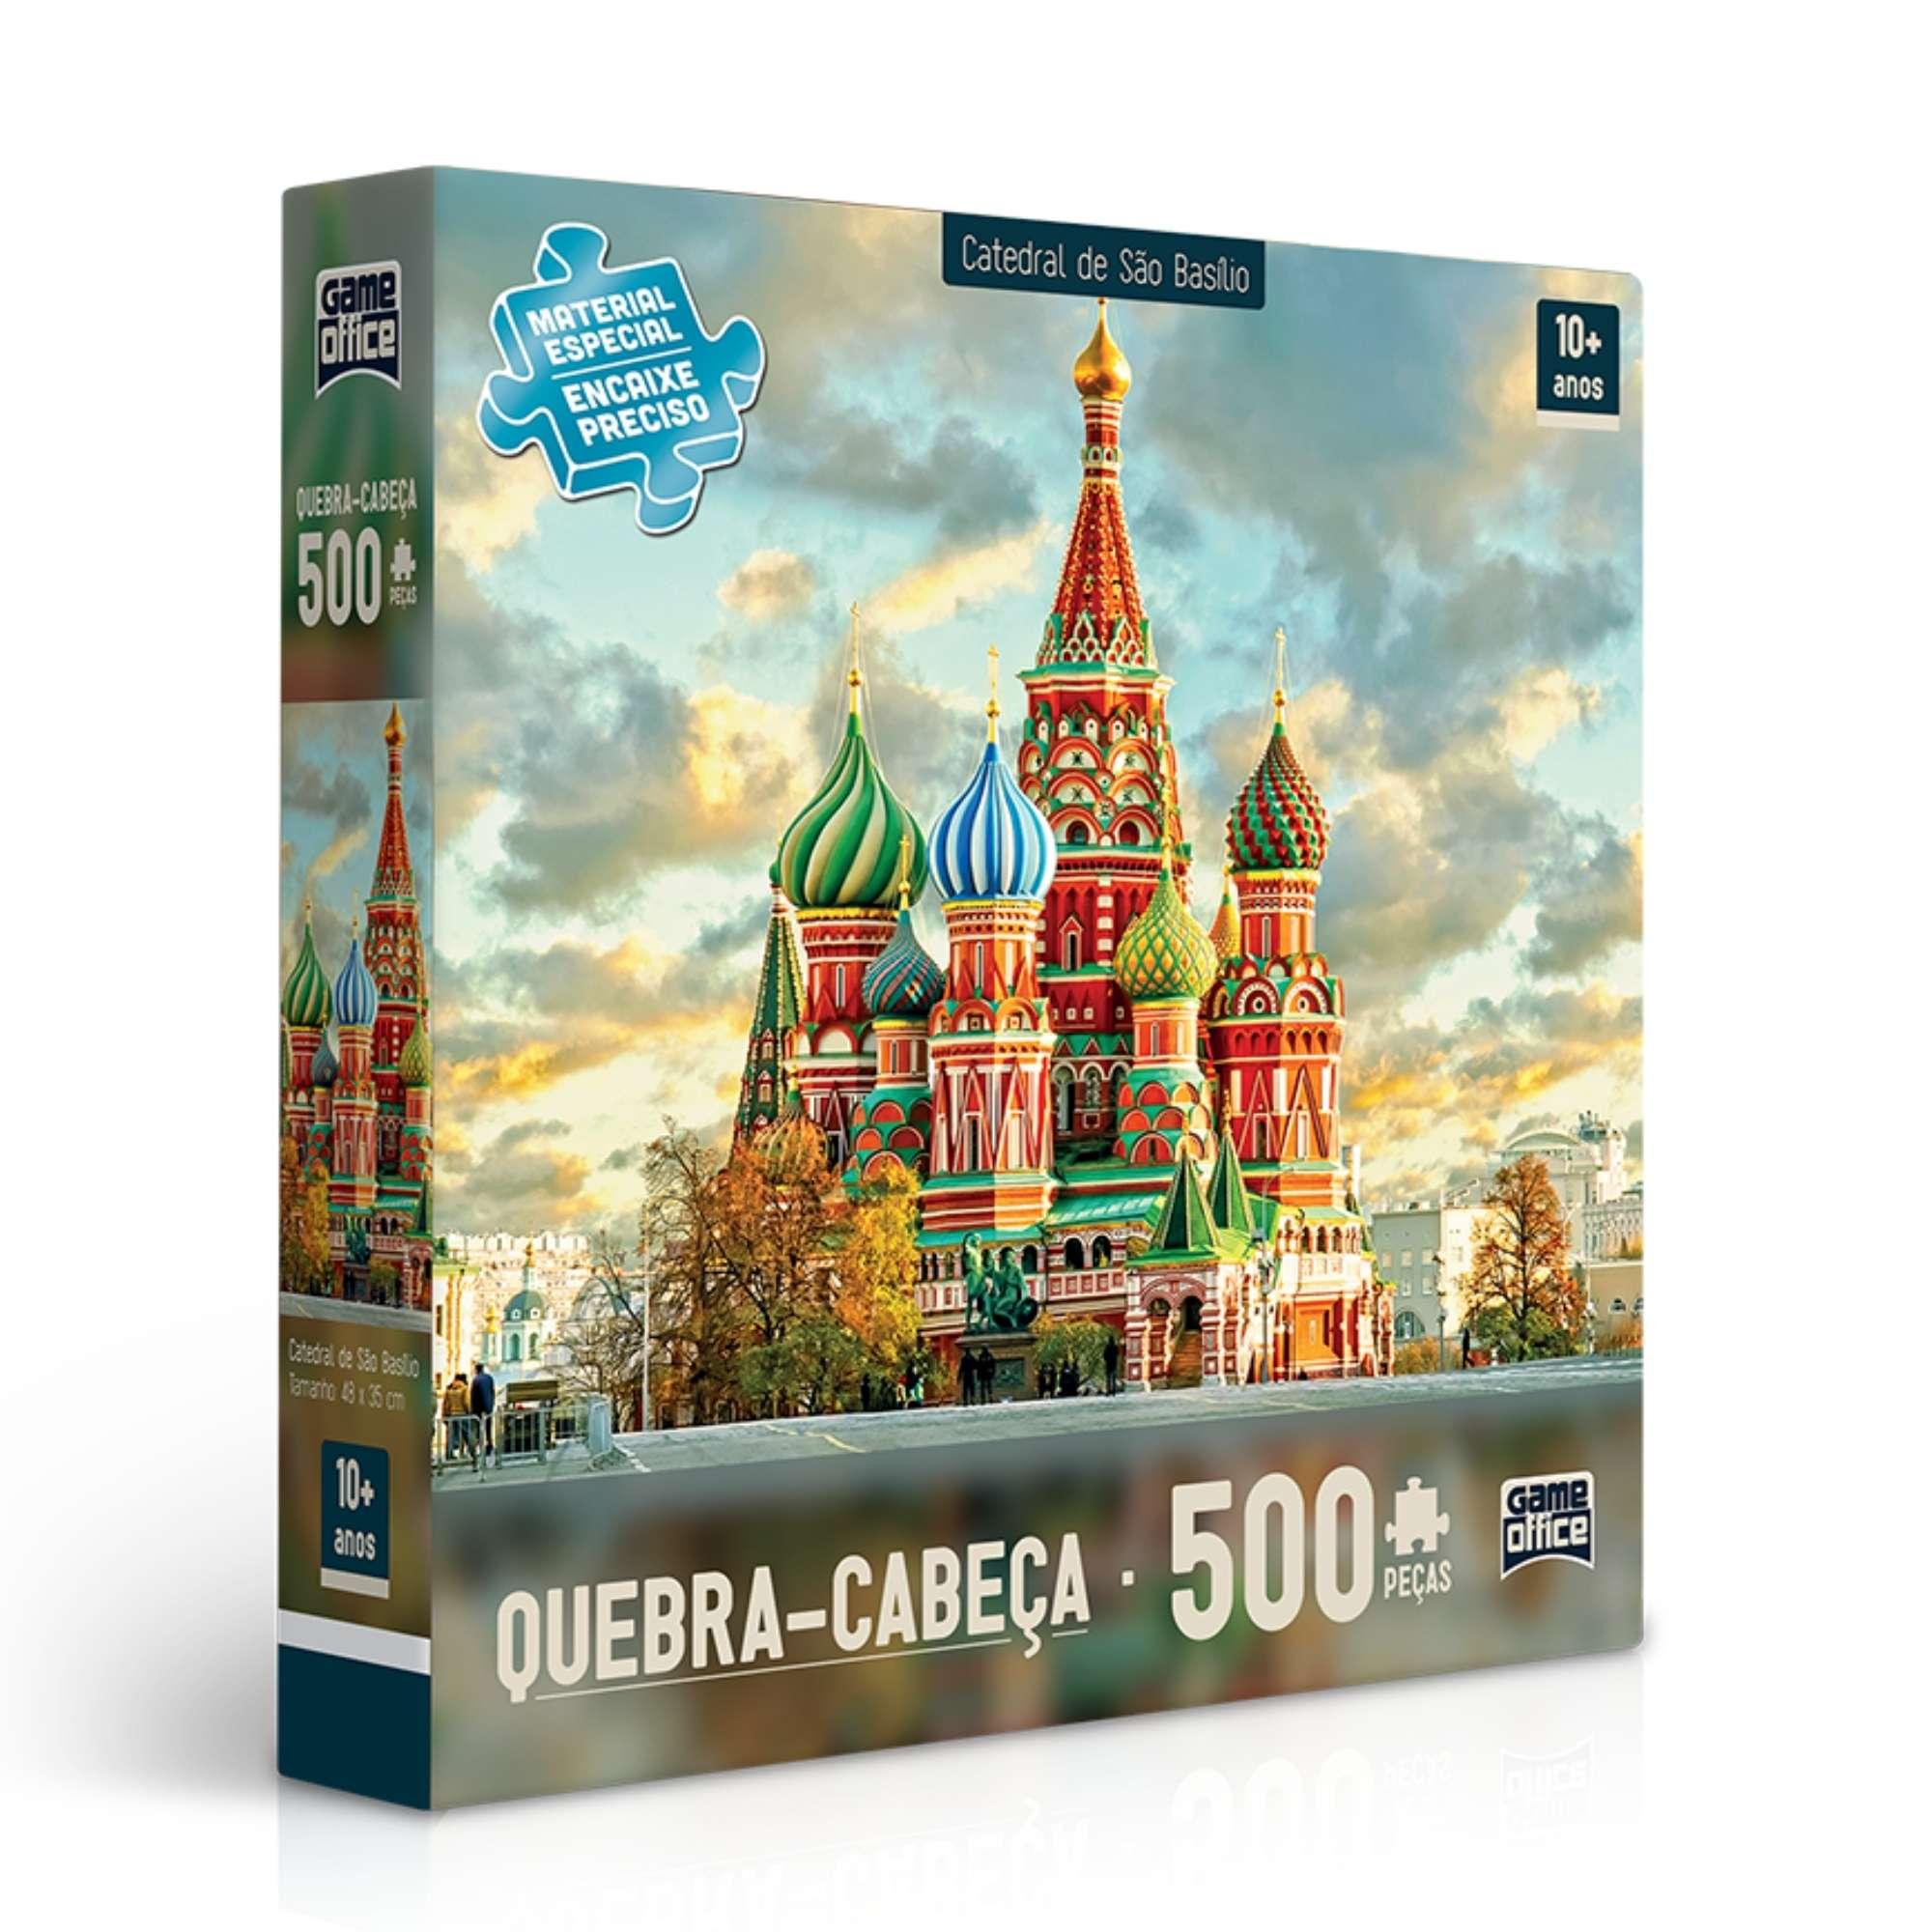 Quebra-cabeça Catedral de São Basílio - 500 peças - Game Office